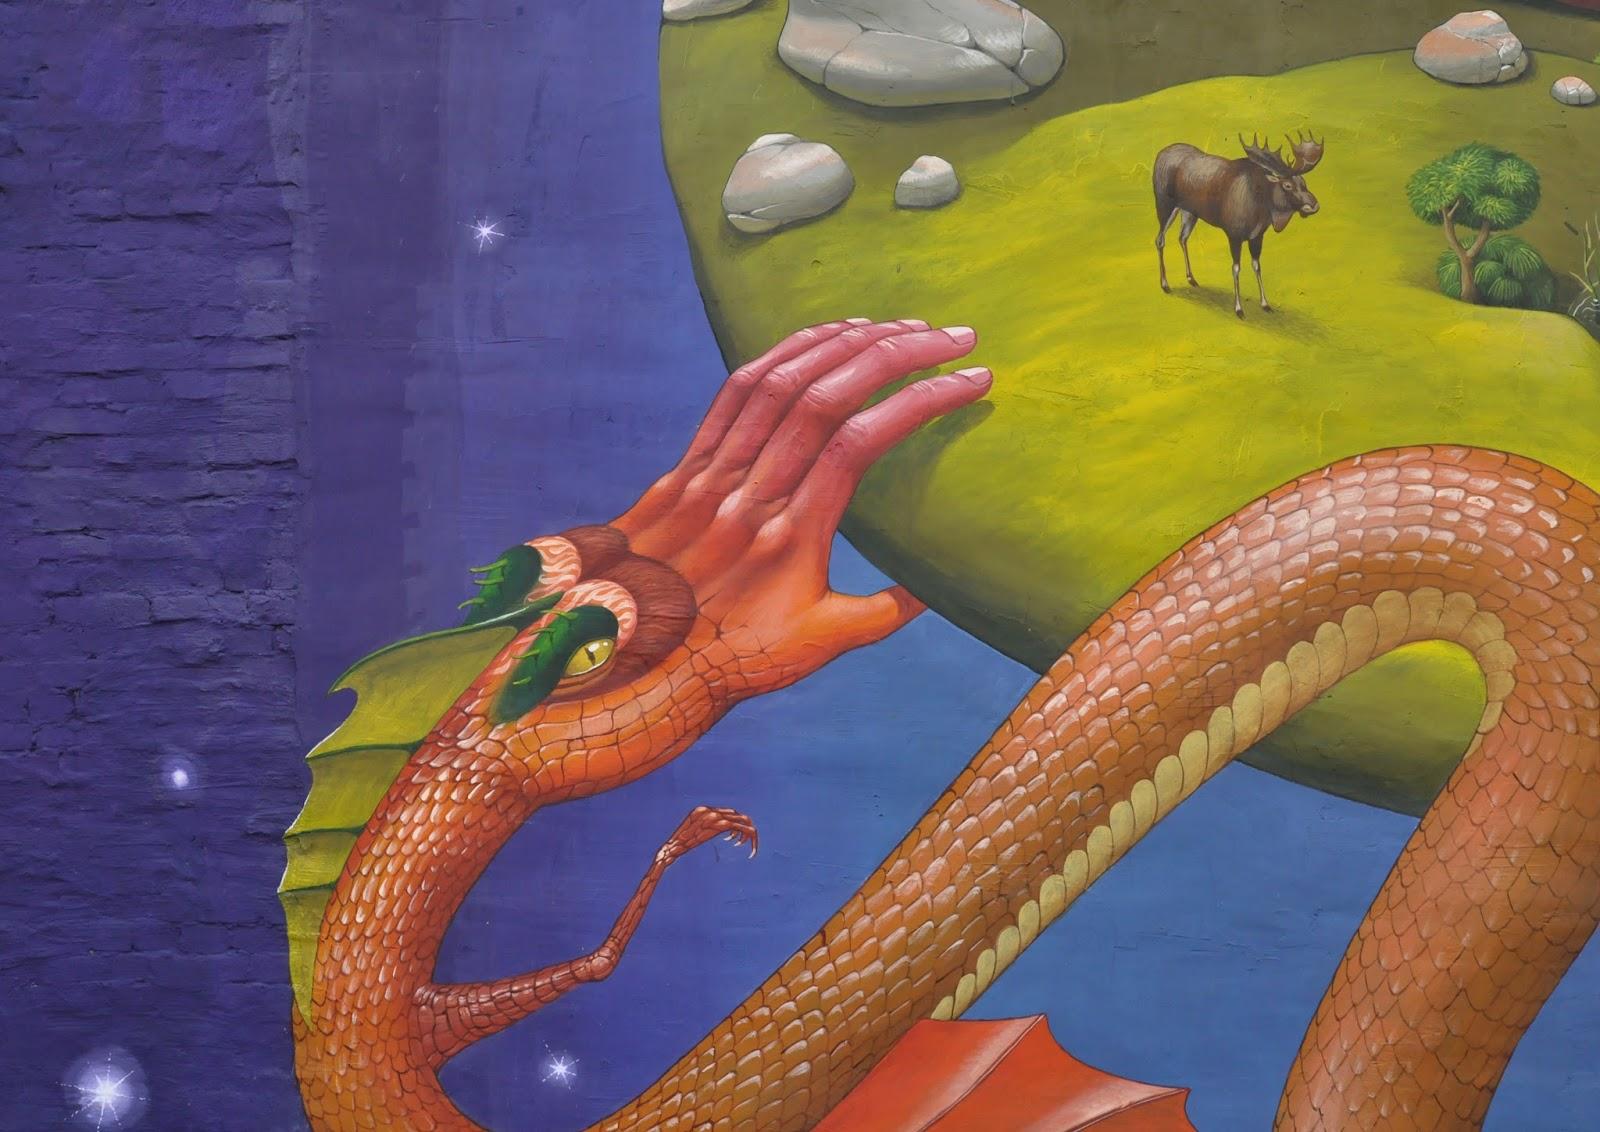 Святой Юрий граффити Interesni Kazki Aec Большая Житомирская, 38 фрагмент, крупно, лось